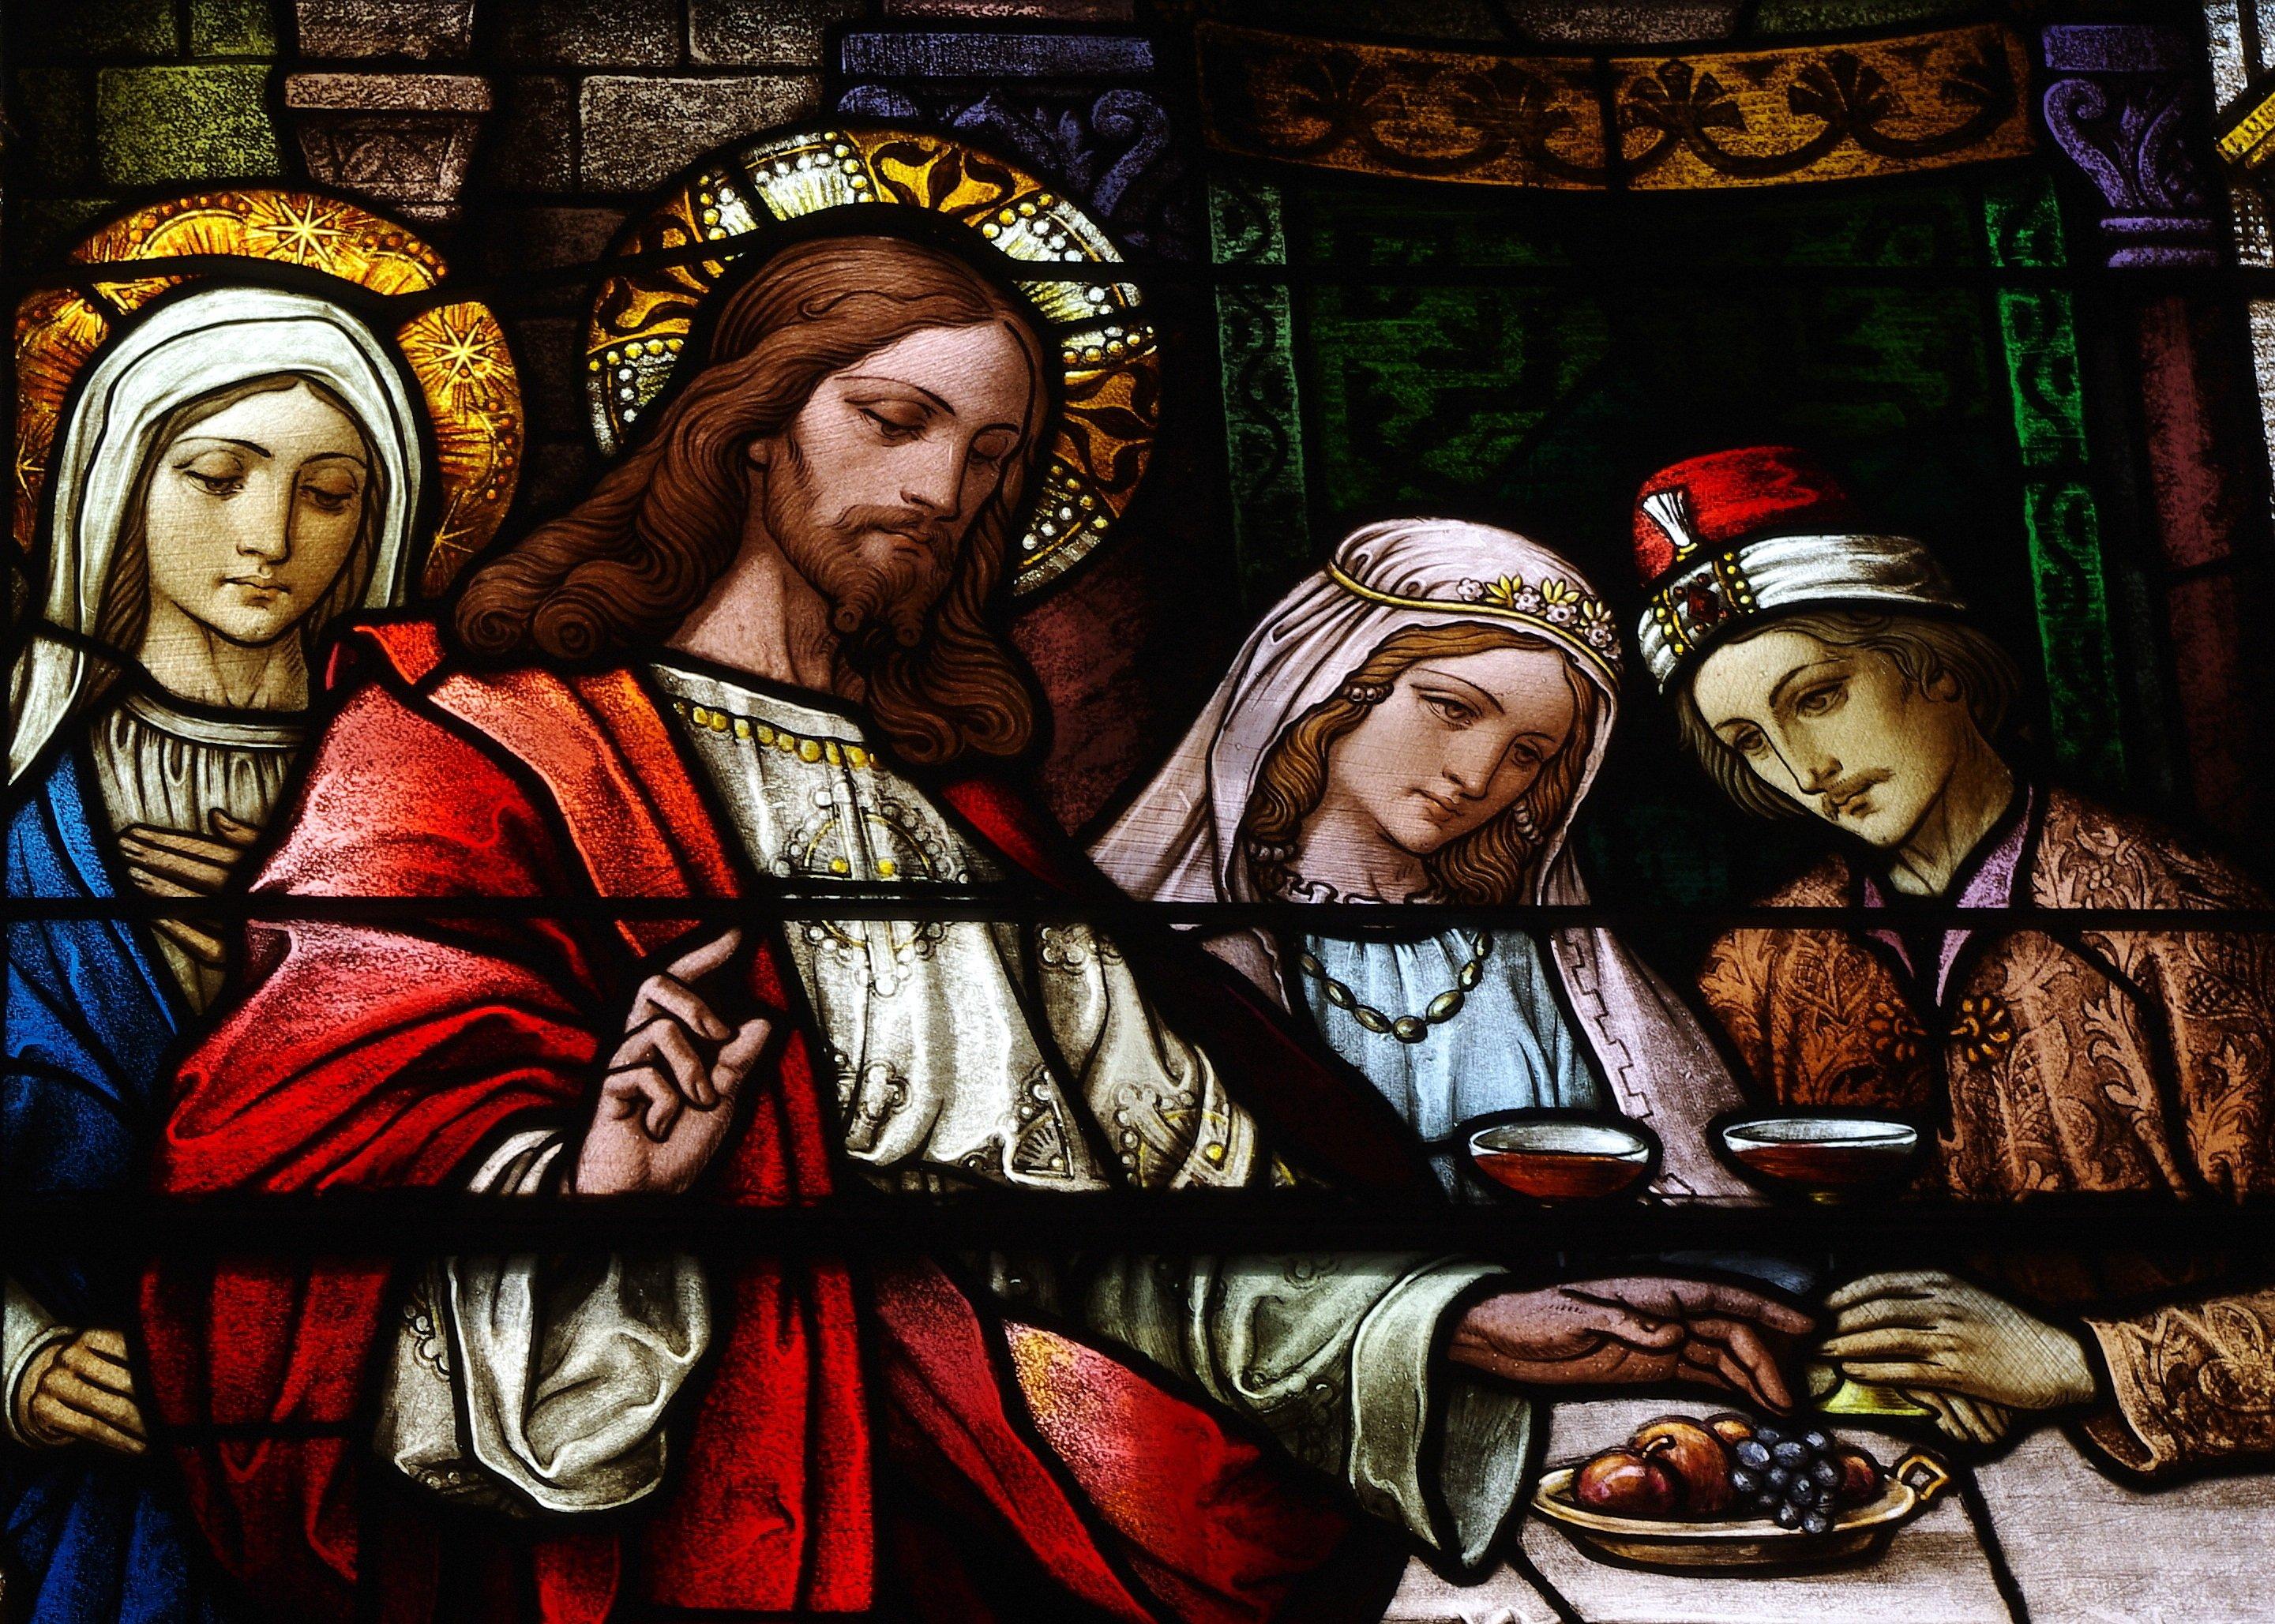 Saint_Bernard_Church_(Burkettsville,_OH)_-_clerestory,_the_Wedding_at_Cana,_detail